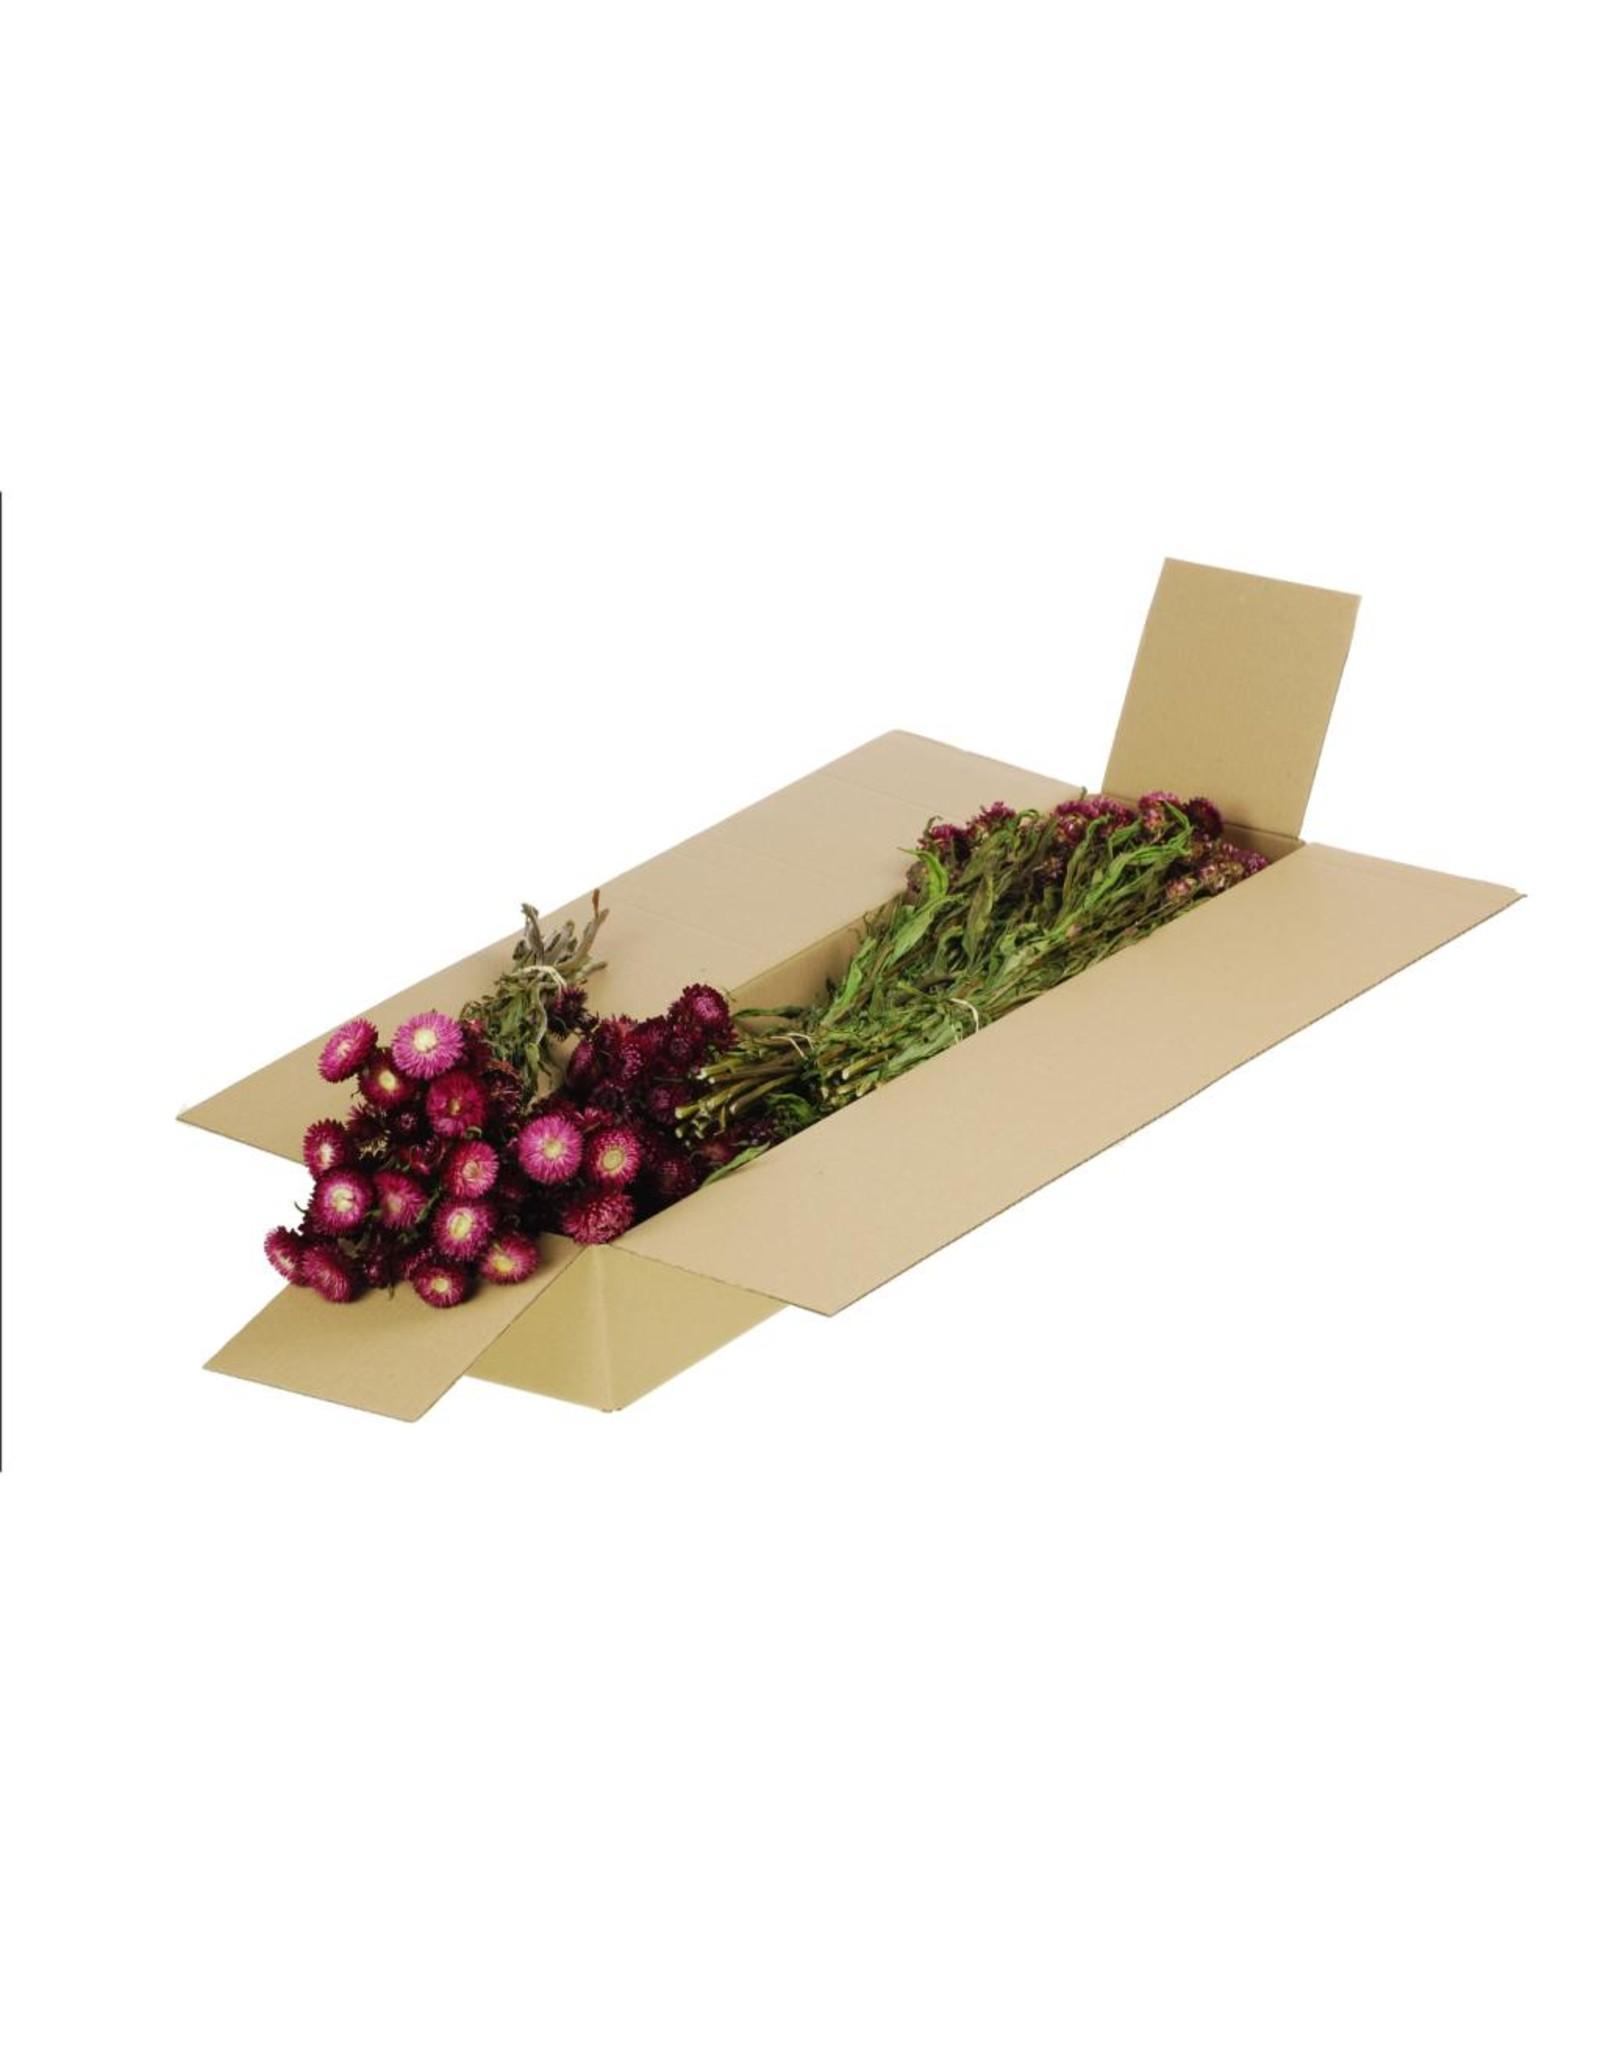 Helichrysum SB natural dark pink x 5